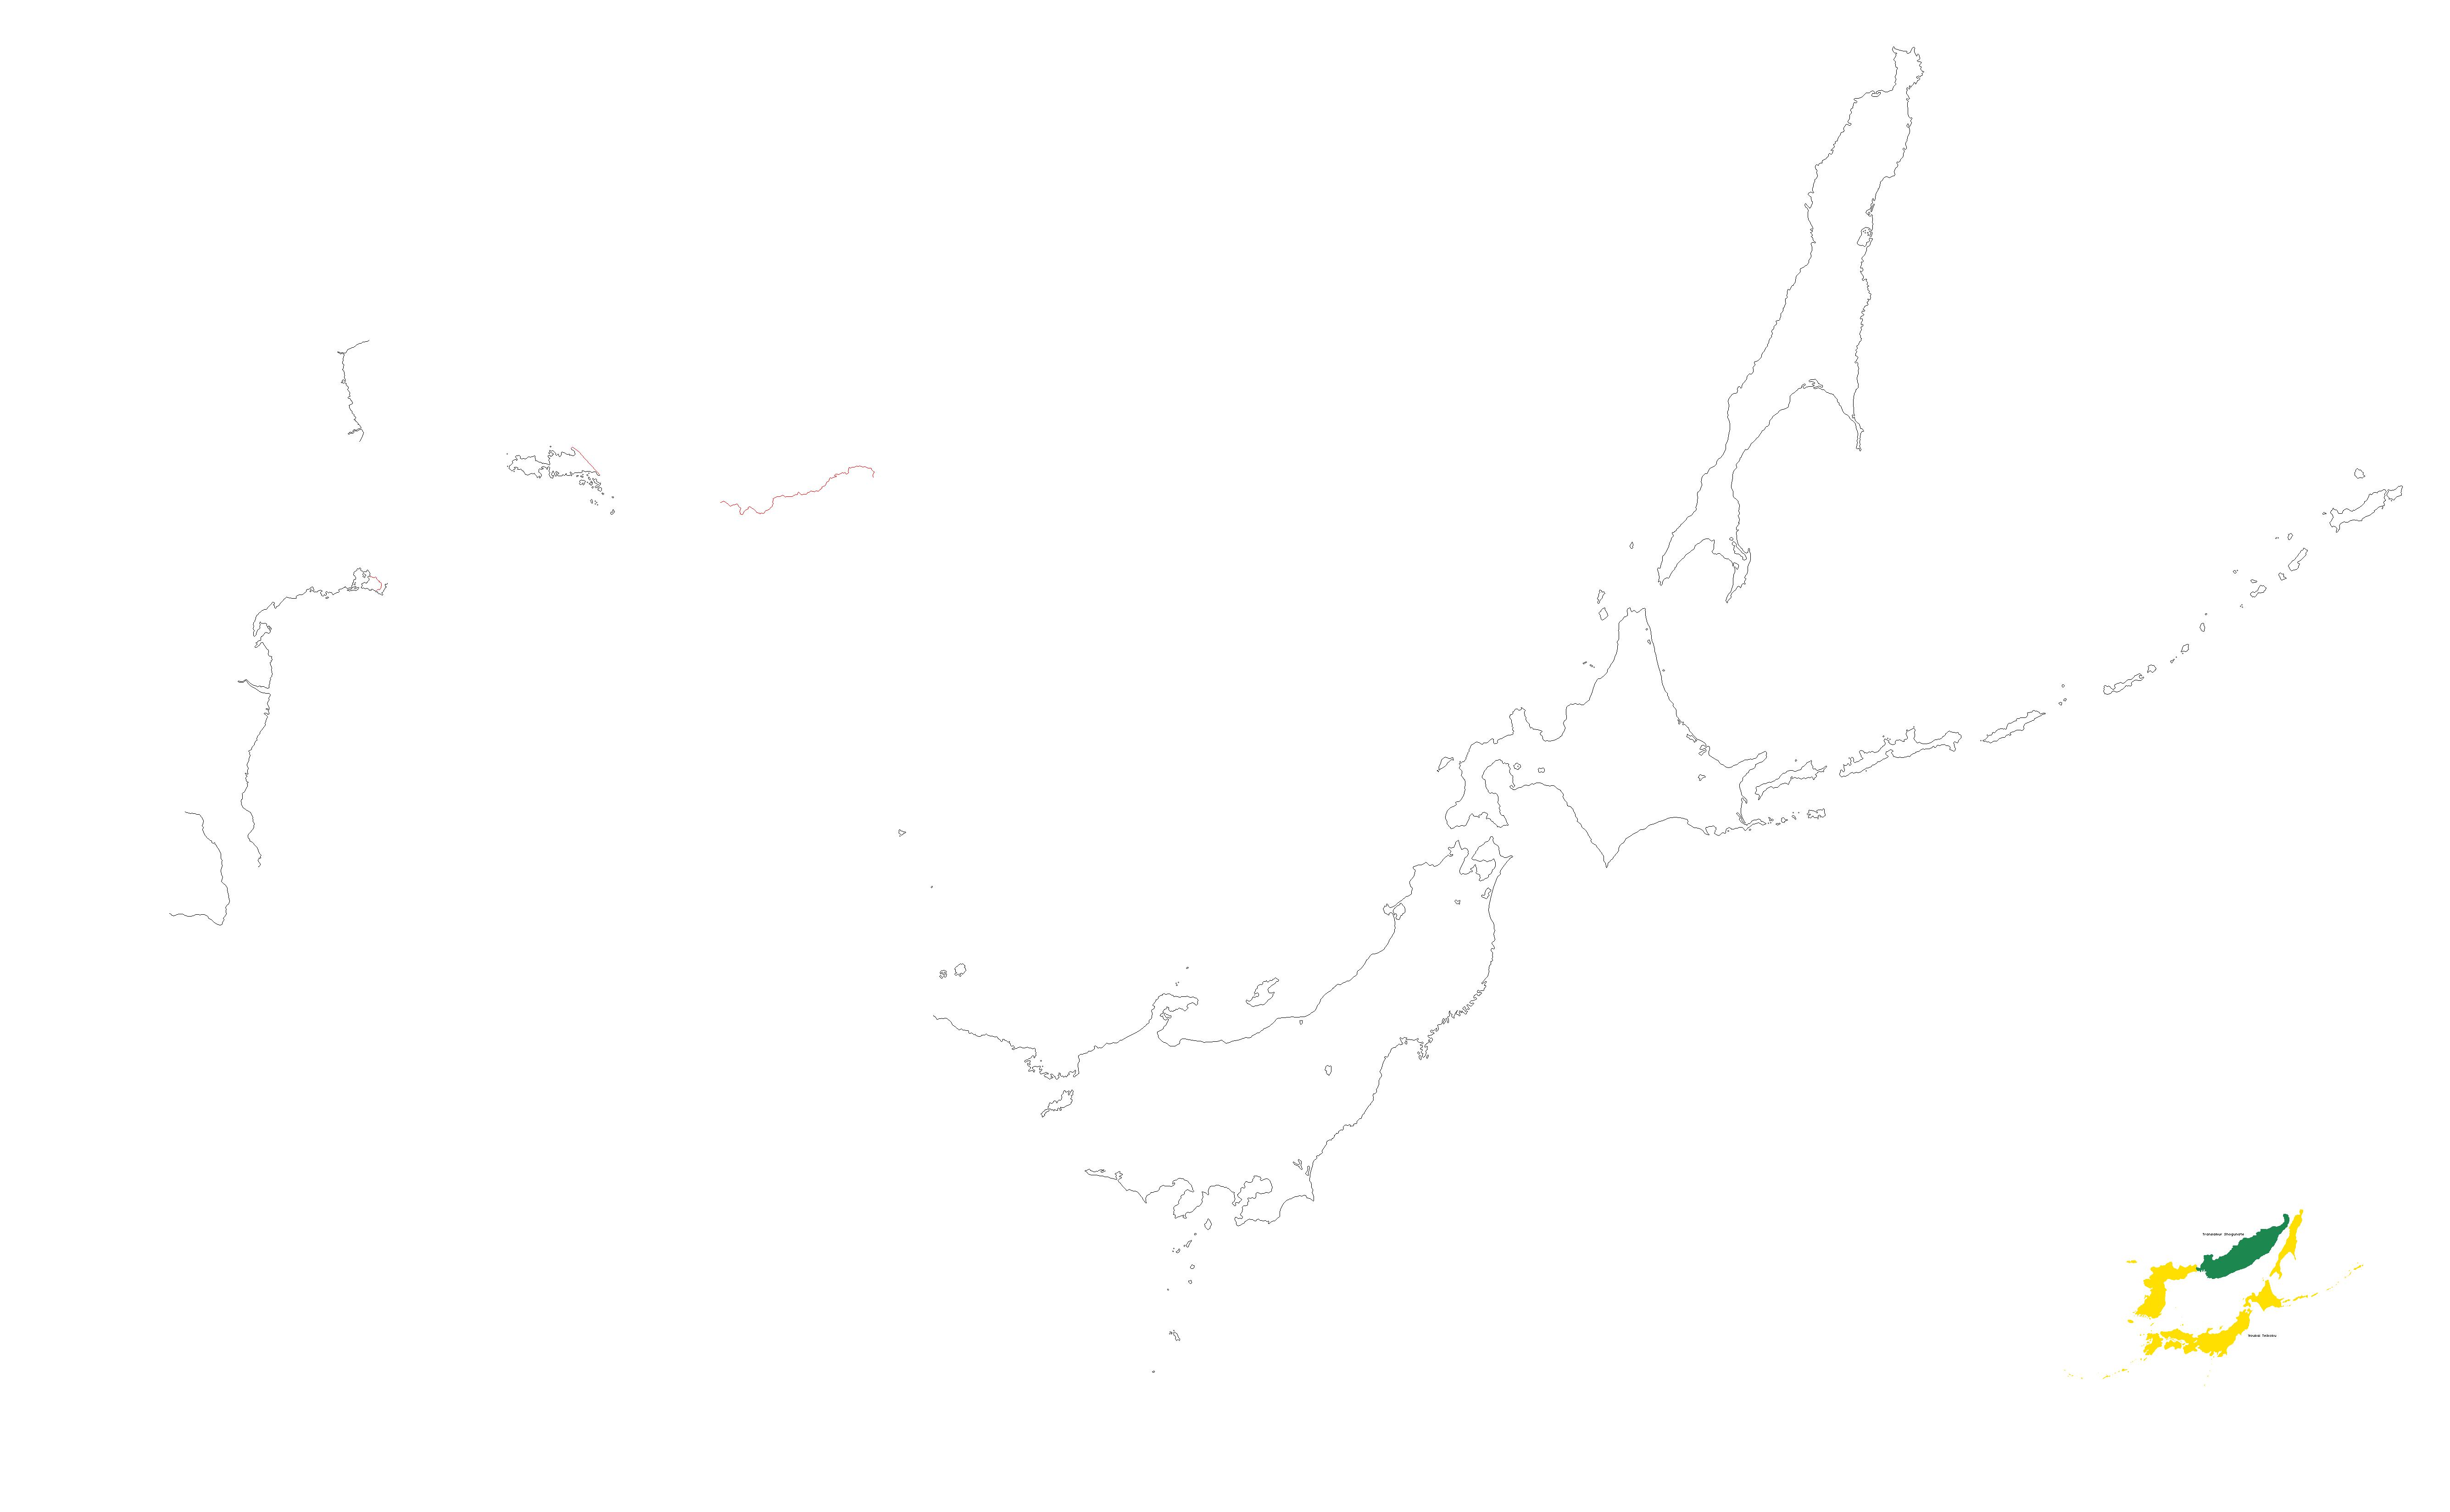 youkai_teikoku_progress.png